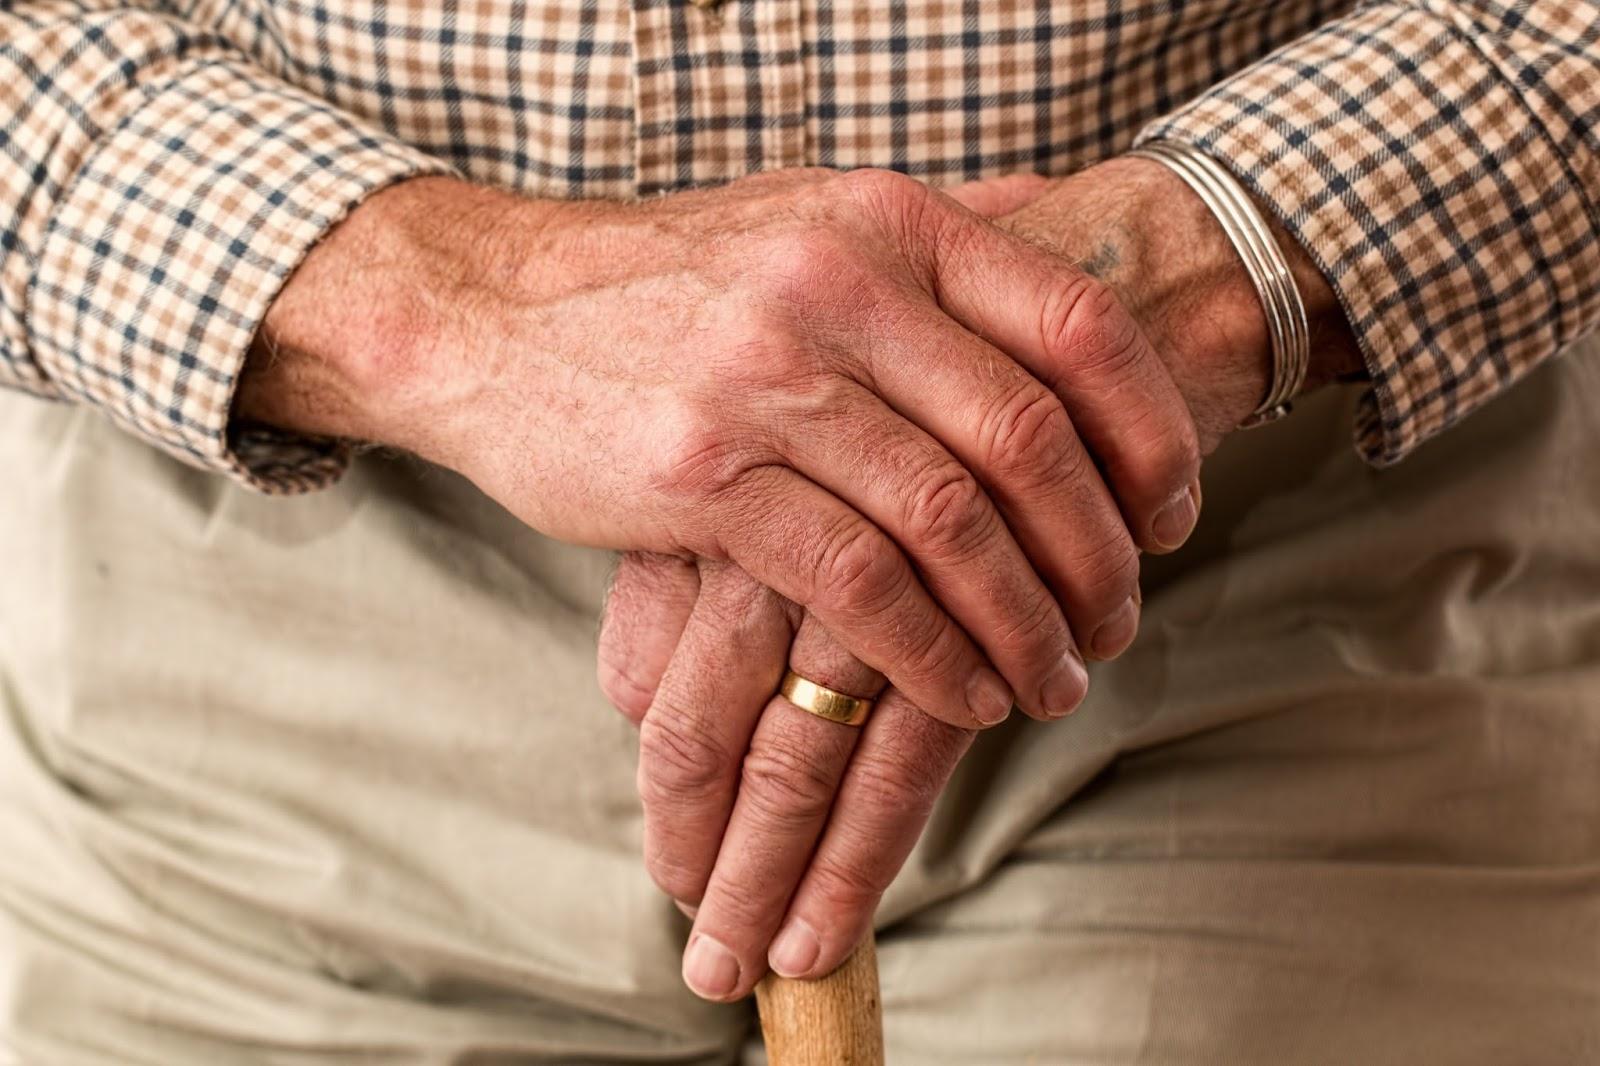 Cannabidiol (CBD) Hemp Oil for Arthritis Pain